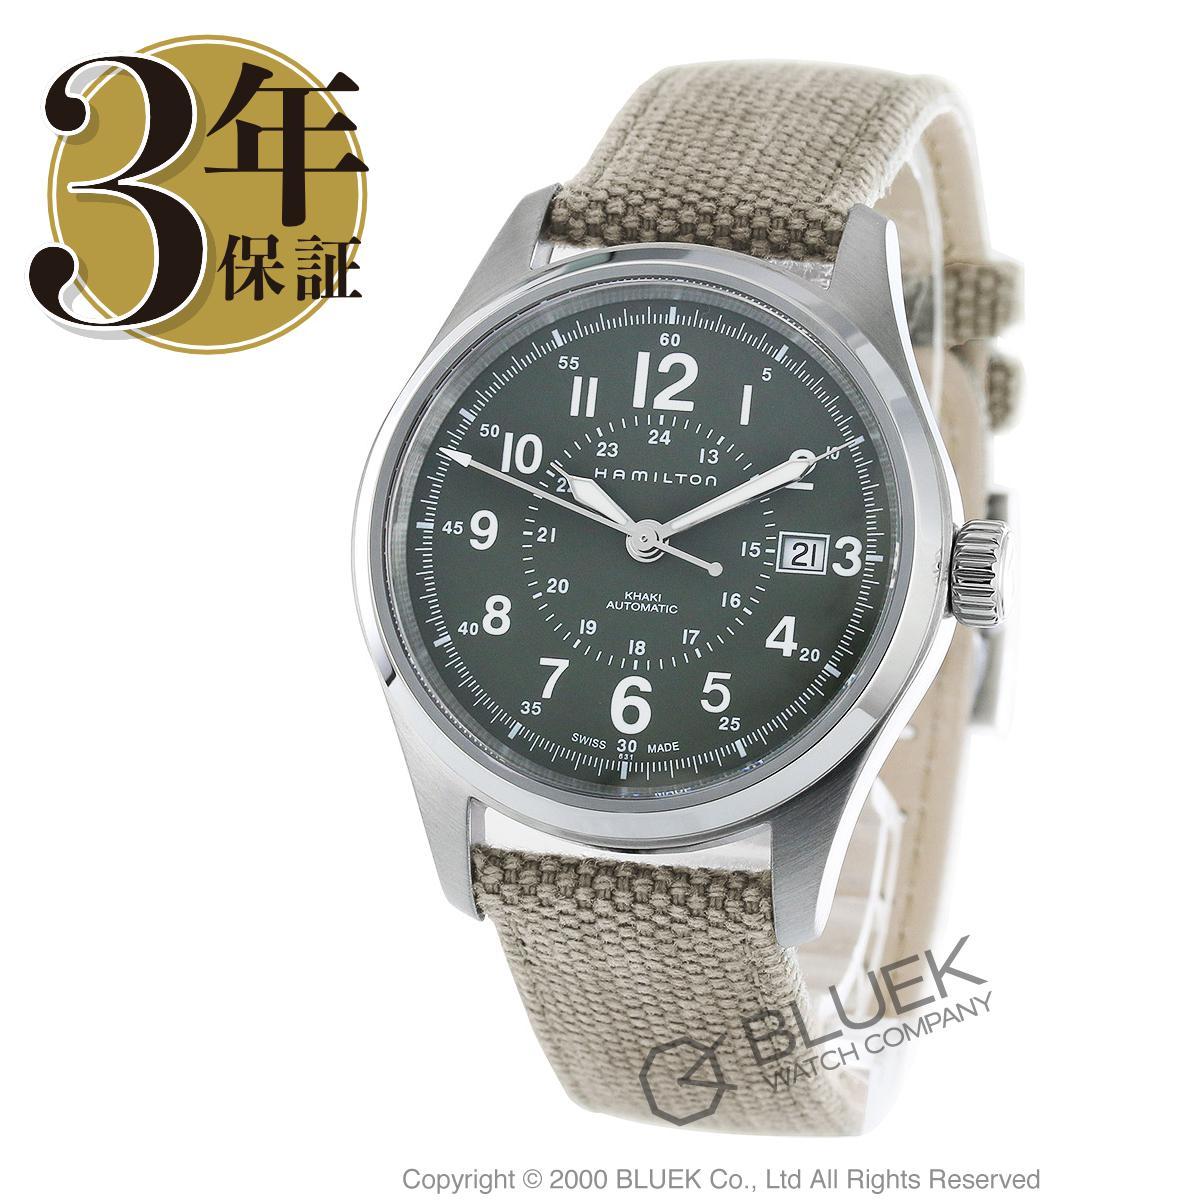 ハミルトン カーキ フィールド オート キャンパスレザー 腕時計 メンズ HAMILTON H70595963_8